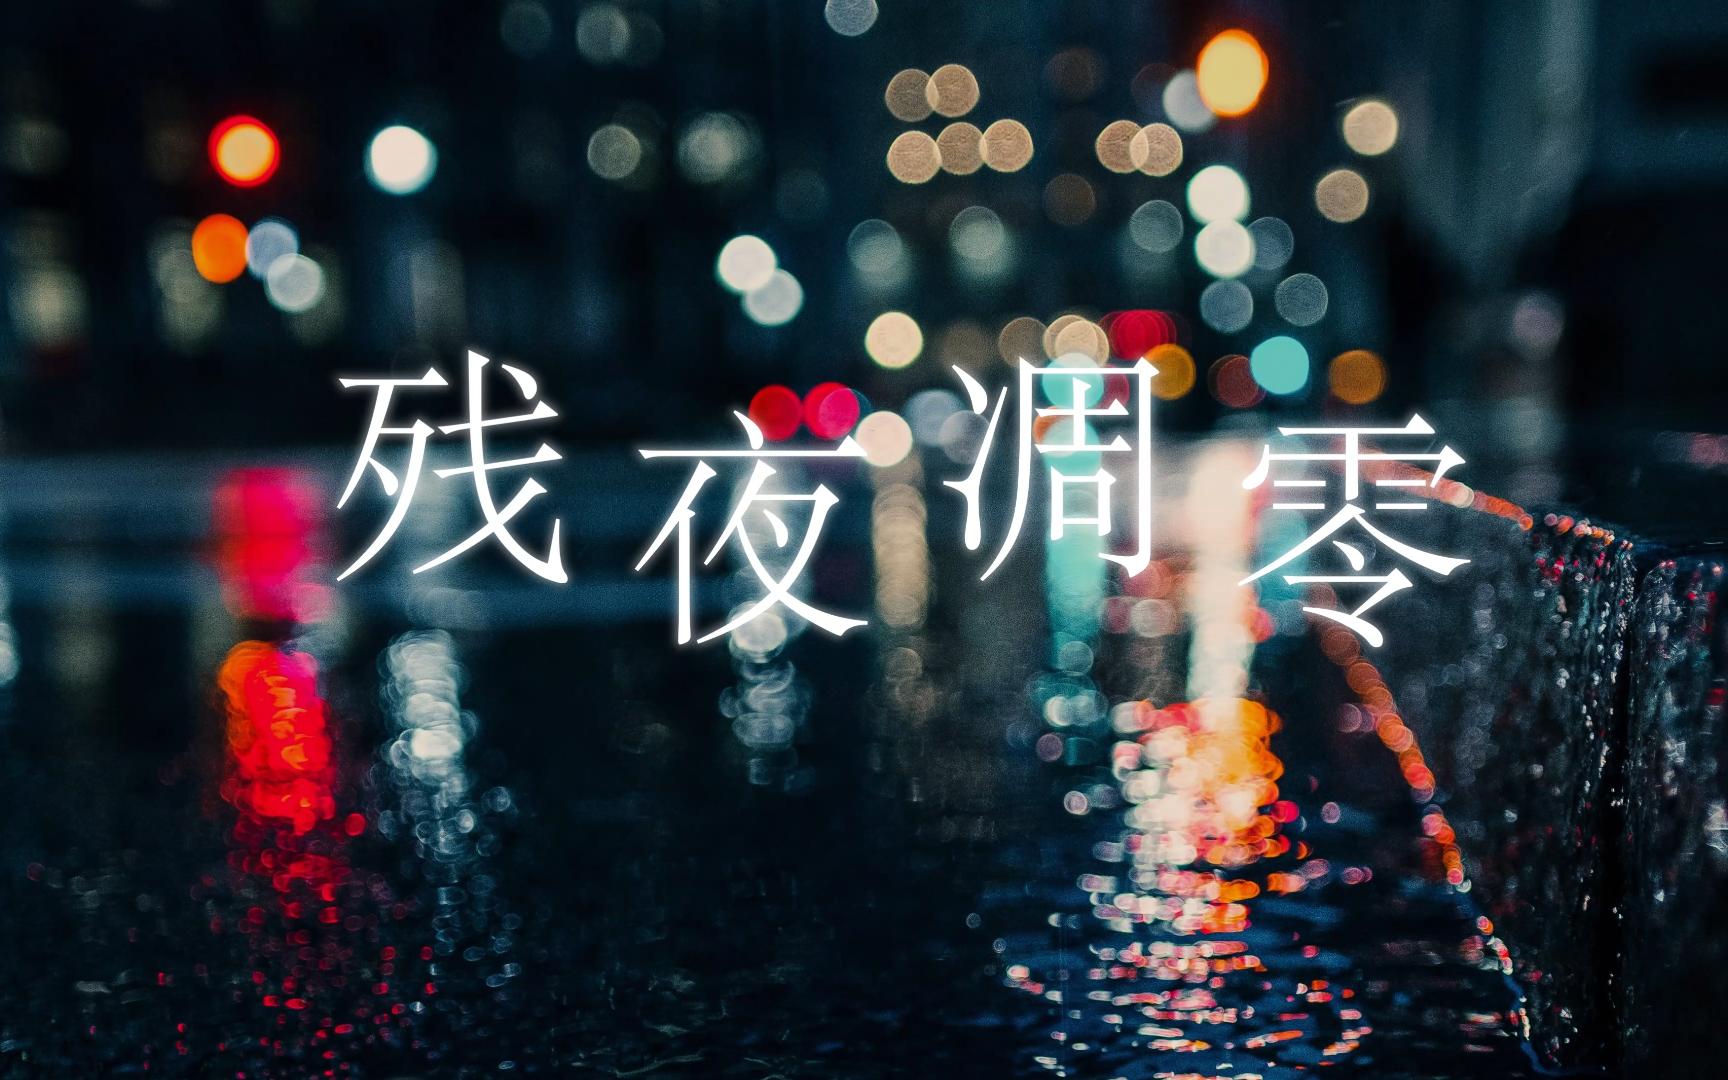 【洛天依&乐正绫】残夜凋零【原创曲】